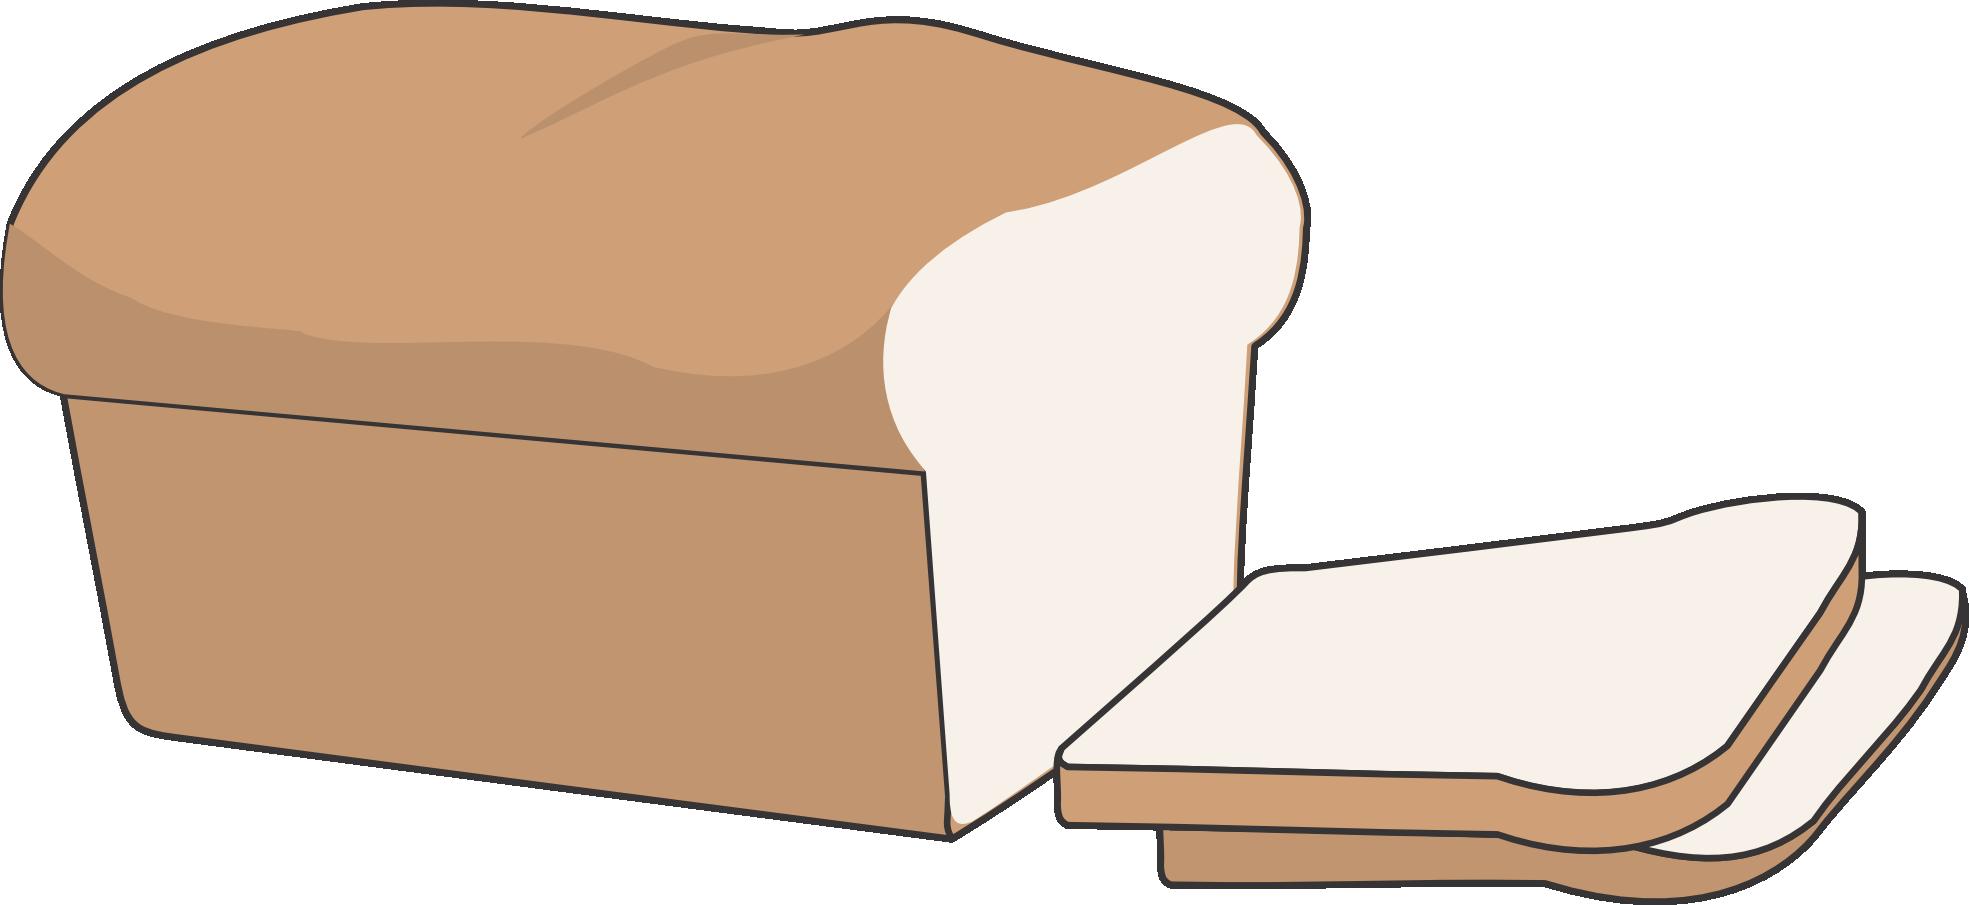 Grain clipart bread Breads Art Wheat Cliparts Clip